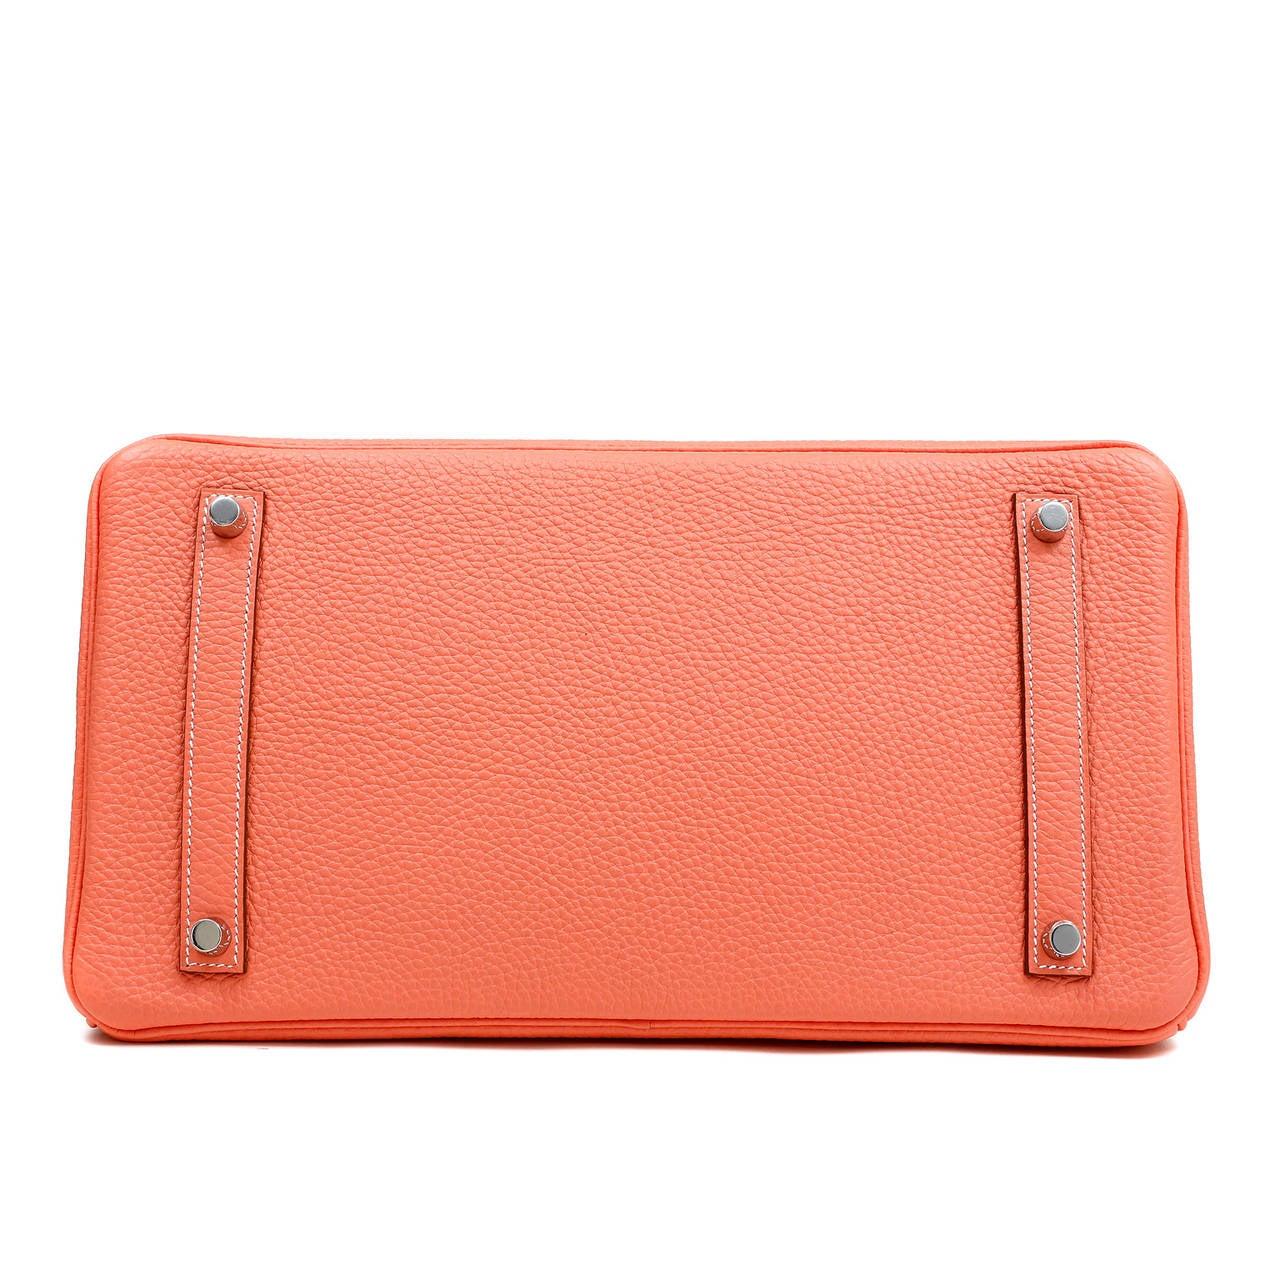 Women's Hermes Crevette Togo 35 cm Birkin Bag- Salmon Pink Color For Sale